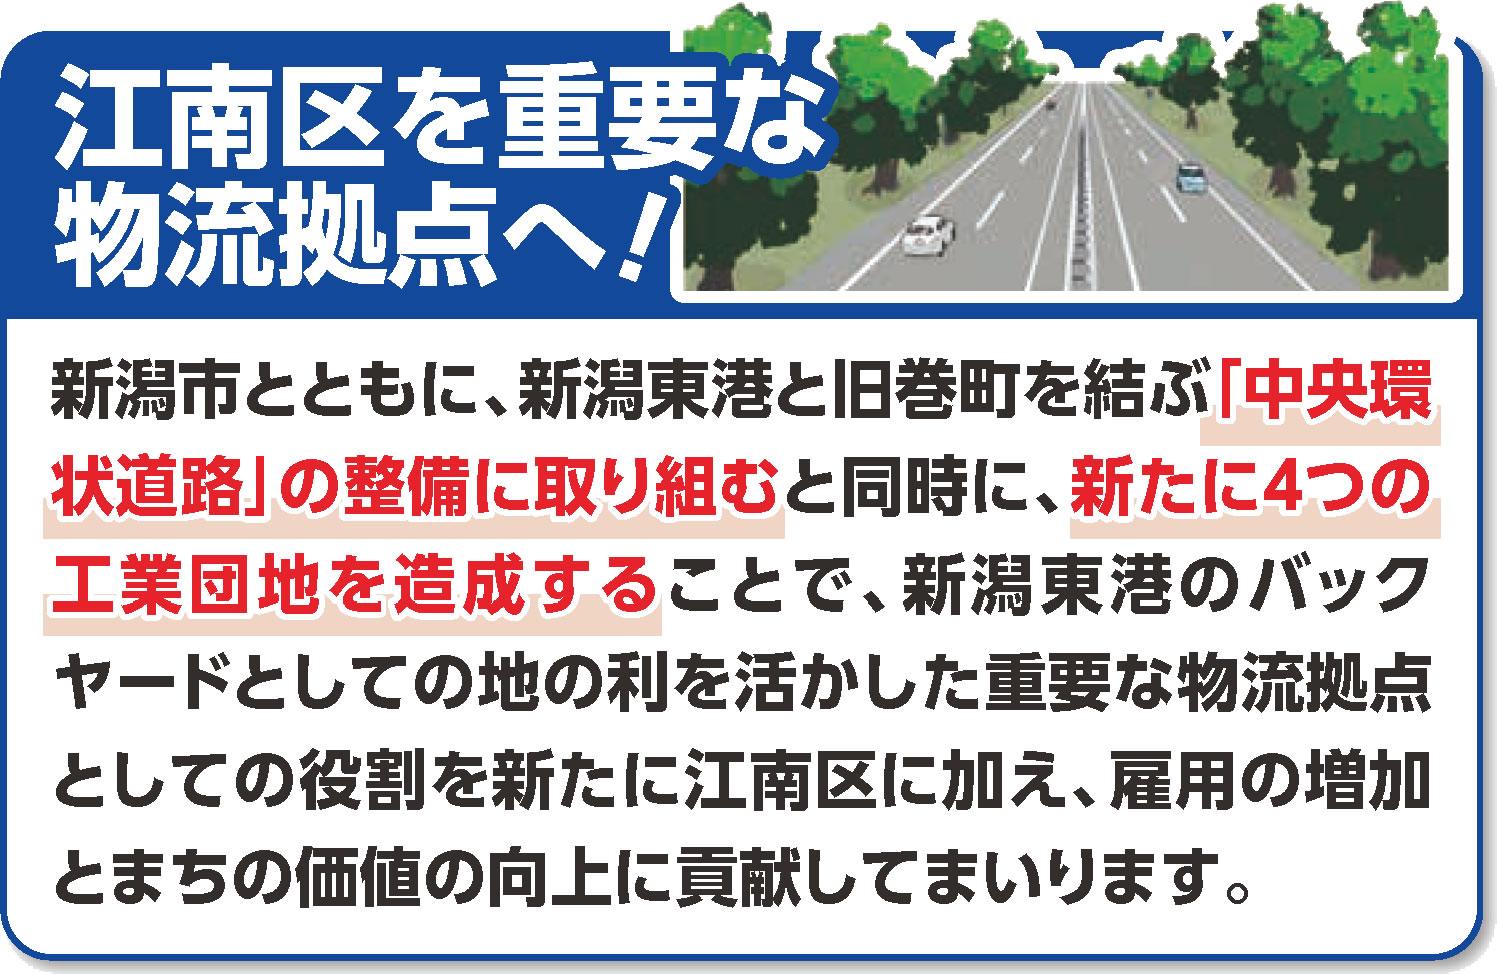 亀田地区を重要な物流拠点へ!